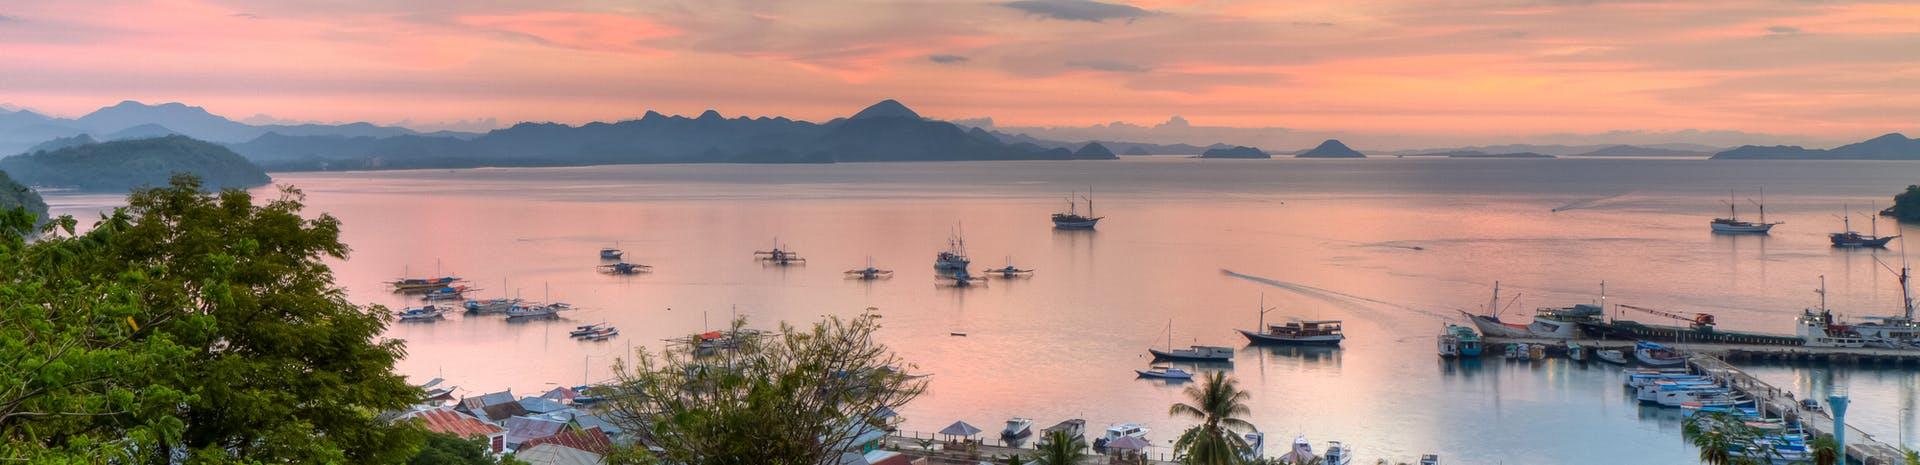 Picture of Labuan Bajo